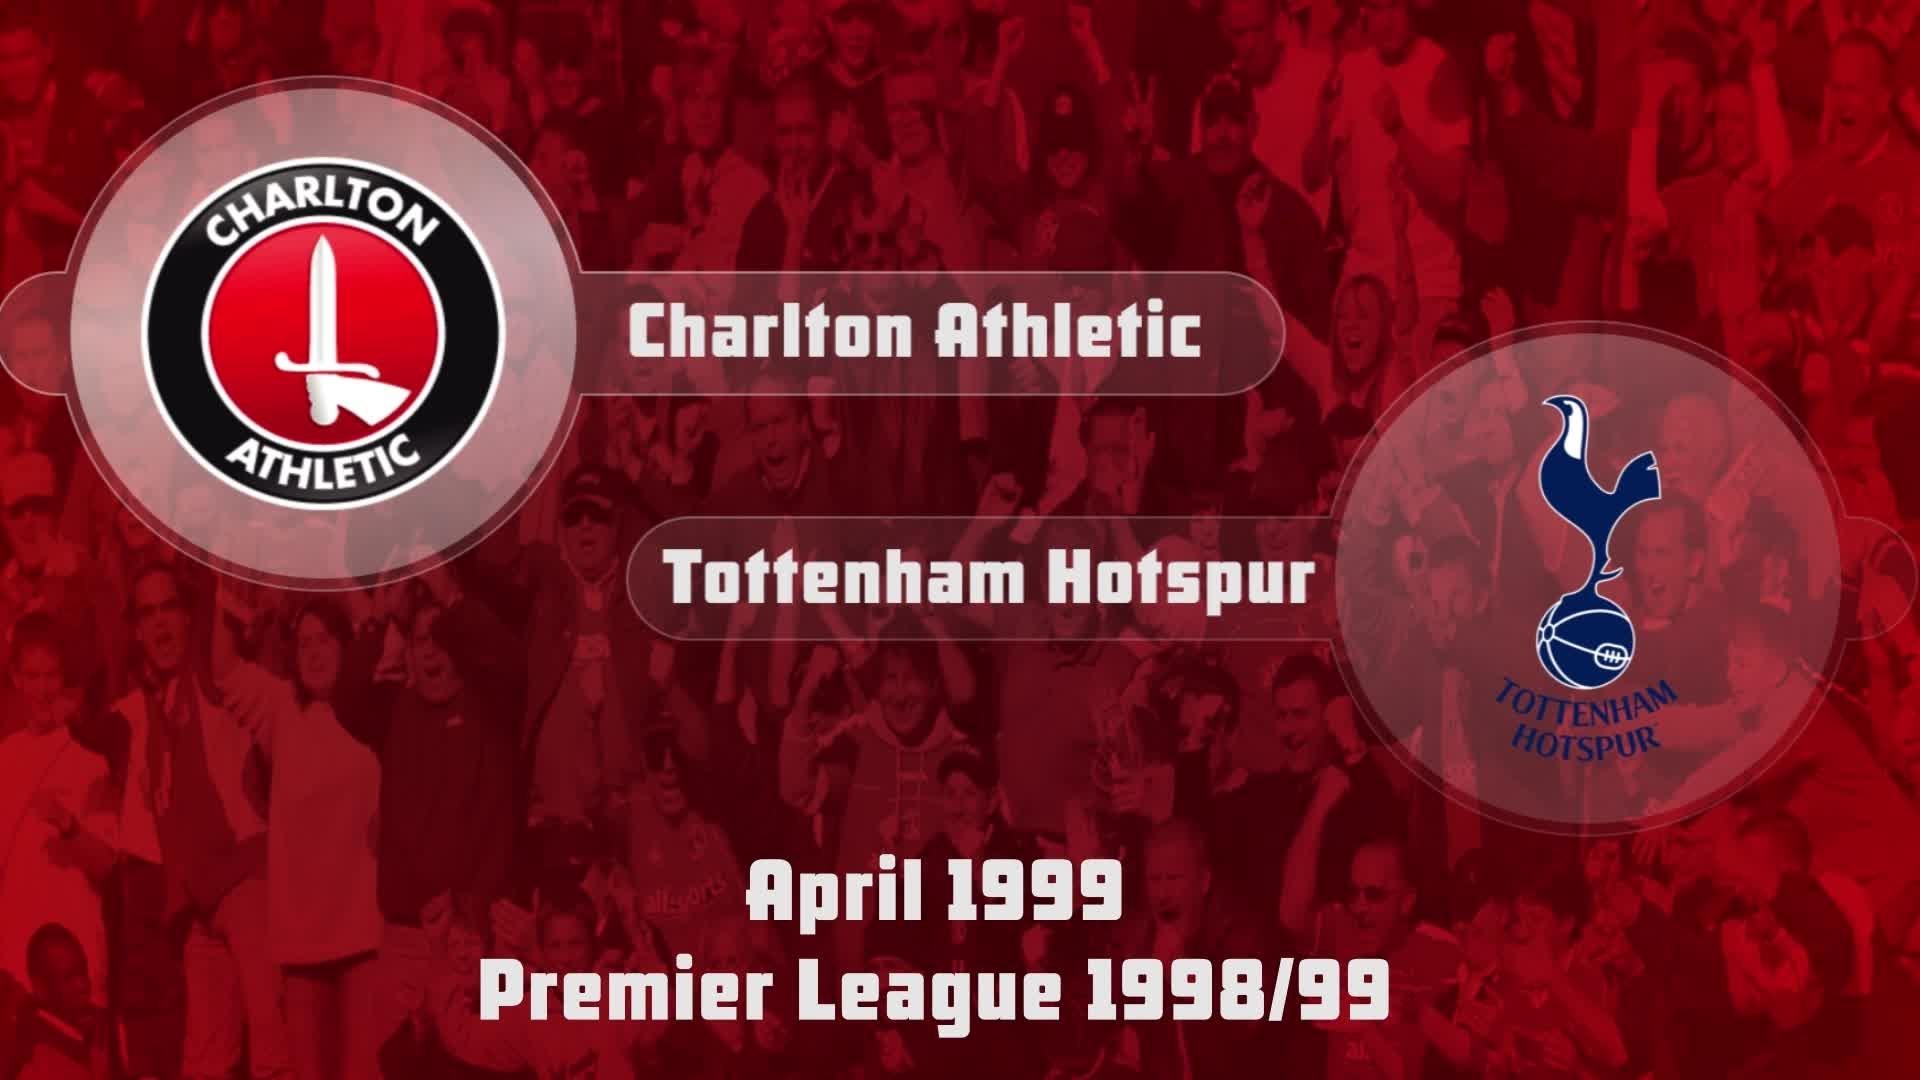 38 HIGHLIGHTS | Charlton 1 Tottenham Hotspur 4 (April 1999)